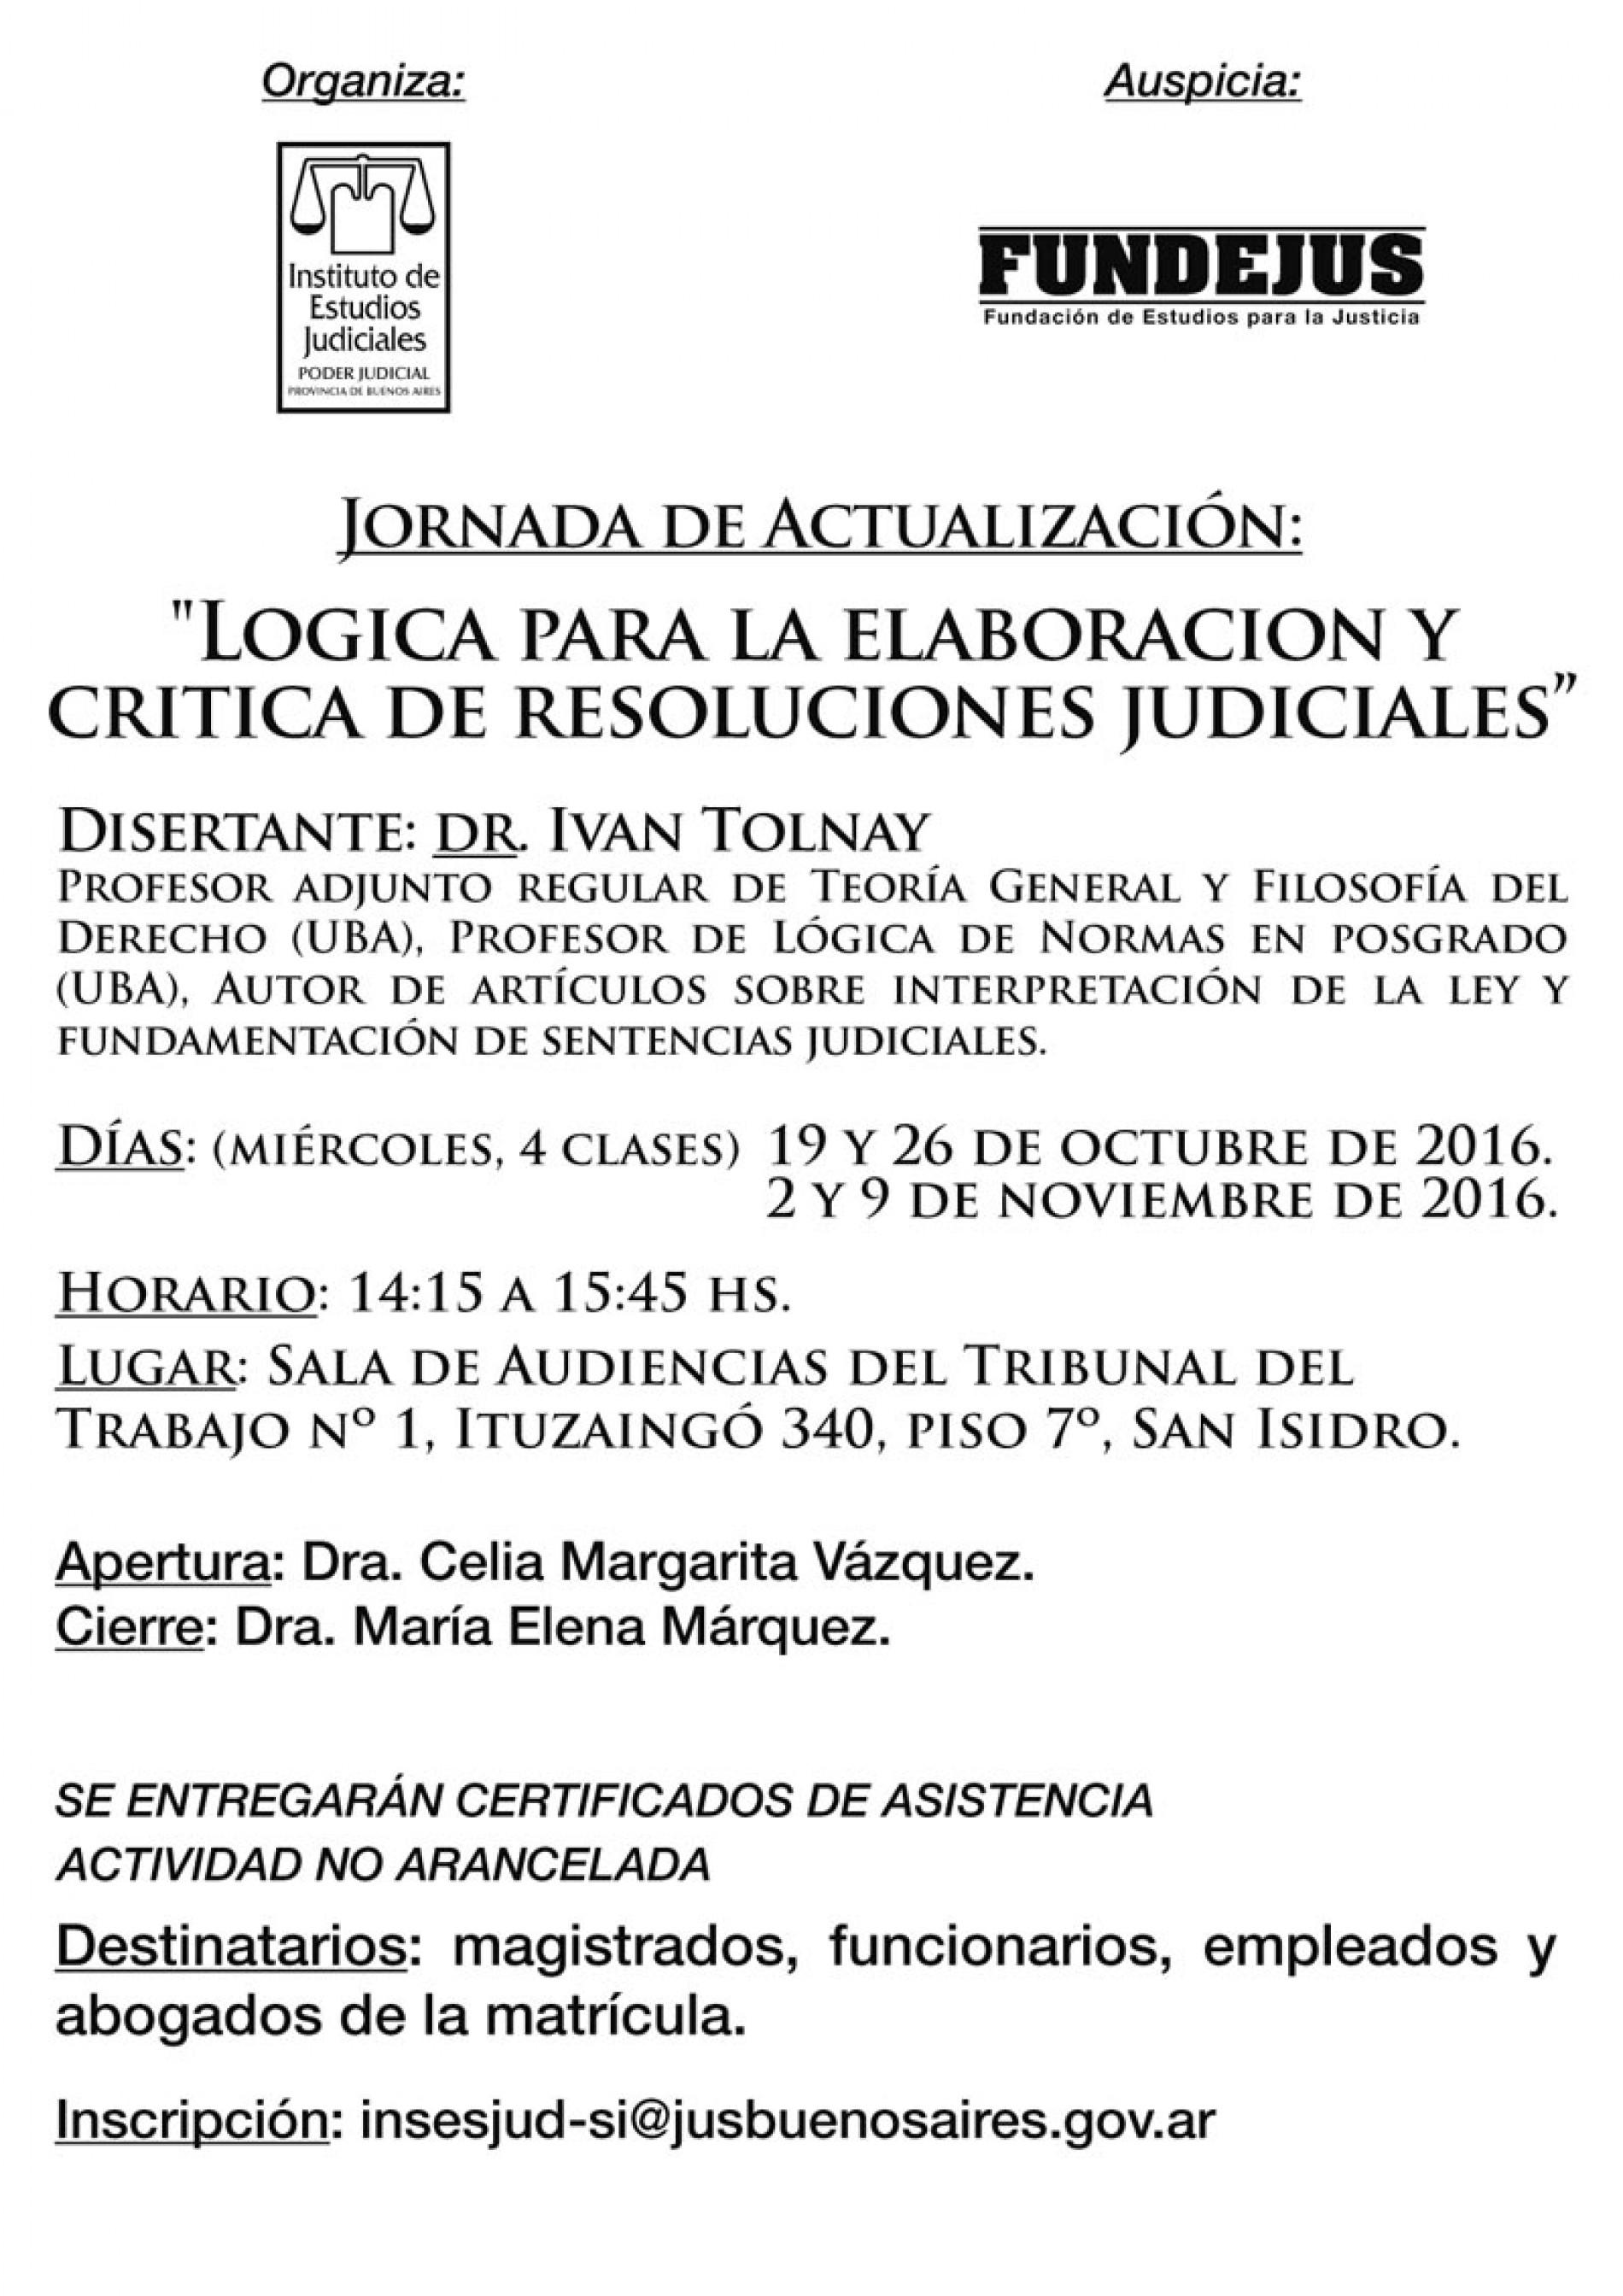 » Lógica para la elaboración y critica de las resoluciones judiciales «